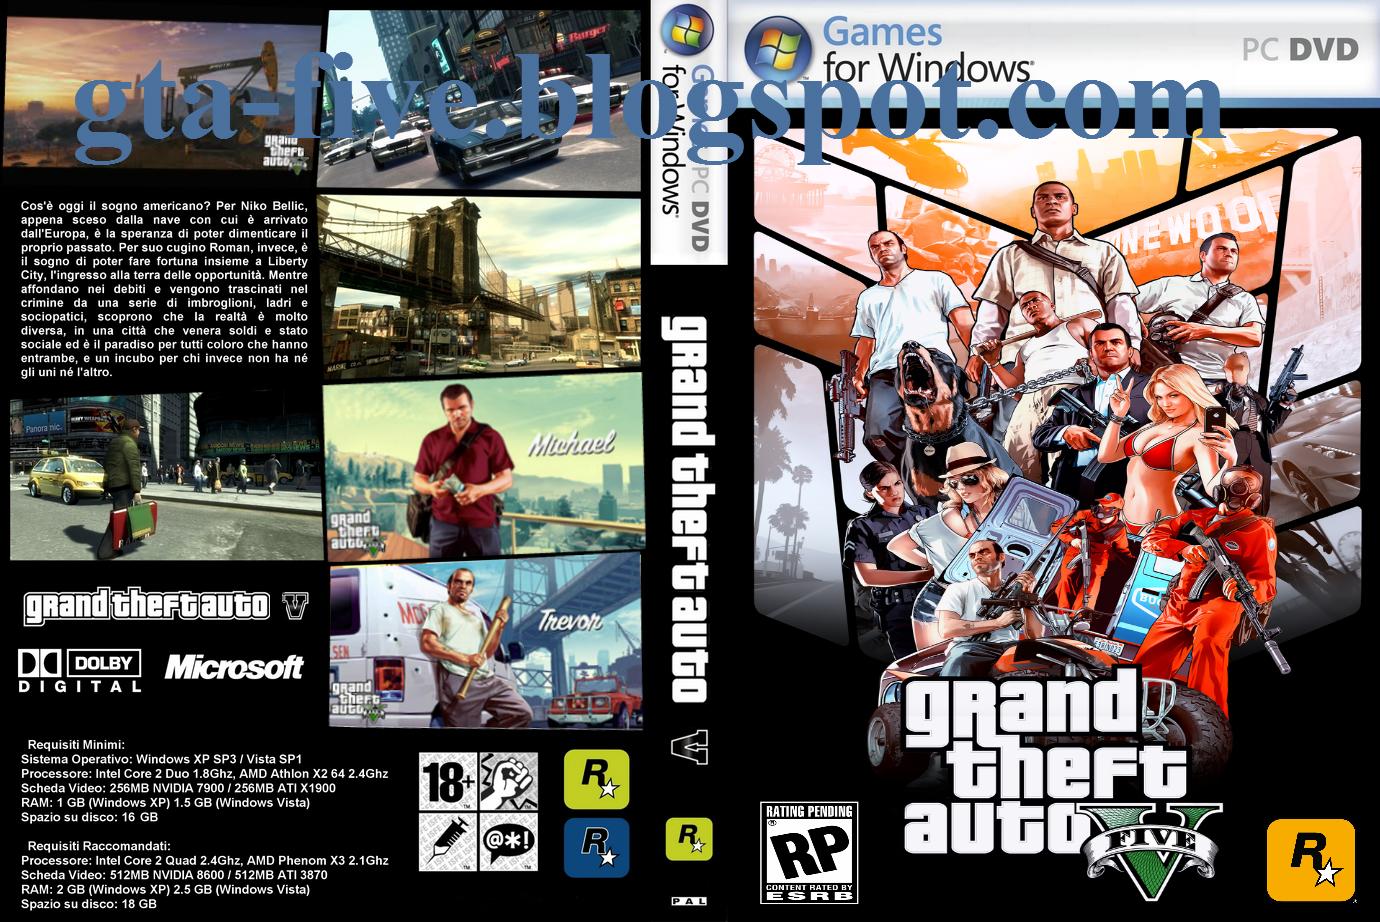 Gta 6 Cover: Download GTA 5 Full Version: Gta 5 Game Free Download Full